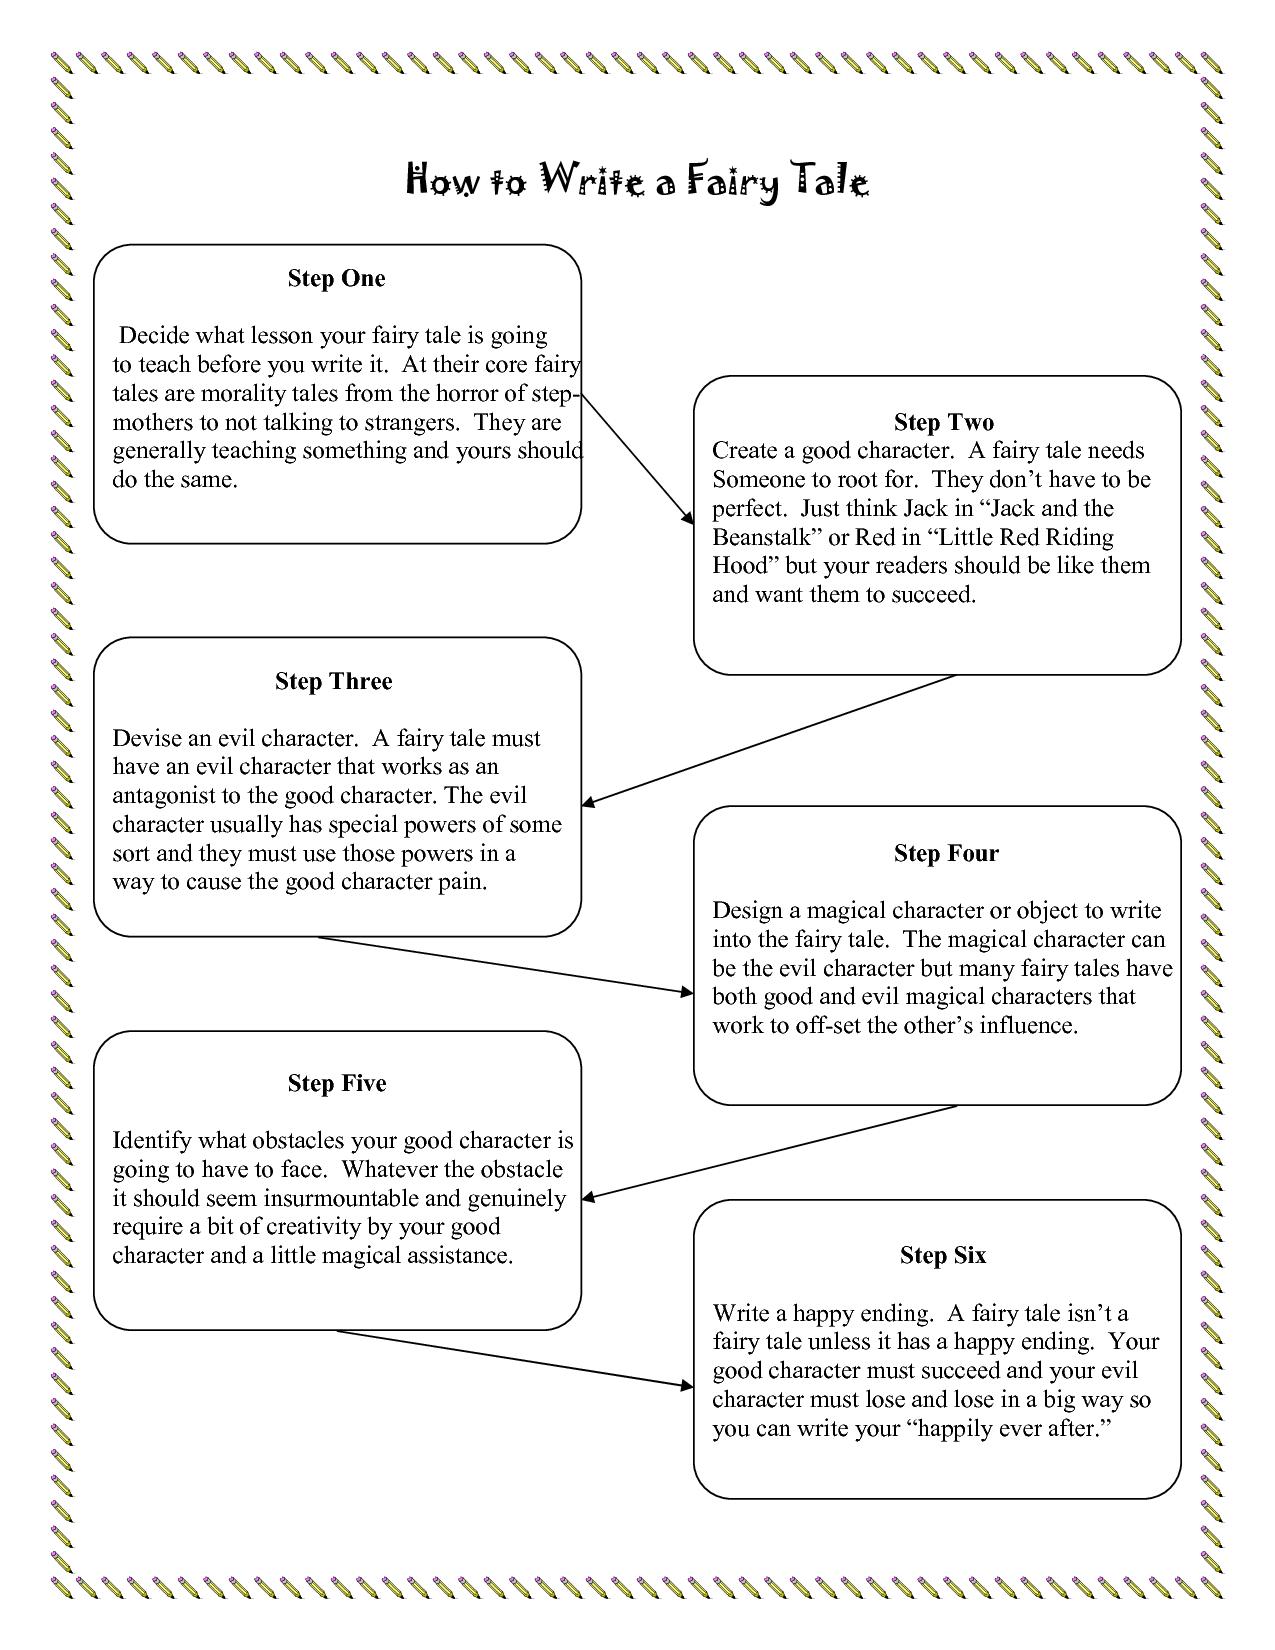 Steps To Write A Fairy Tale